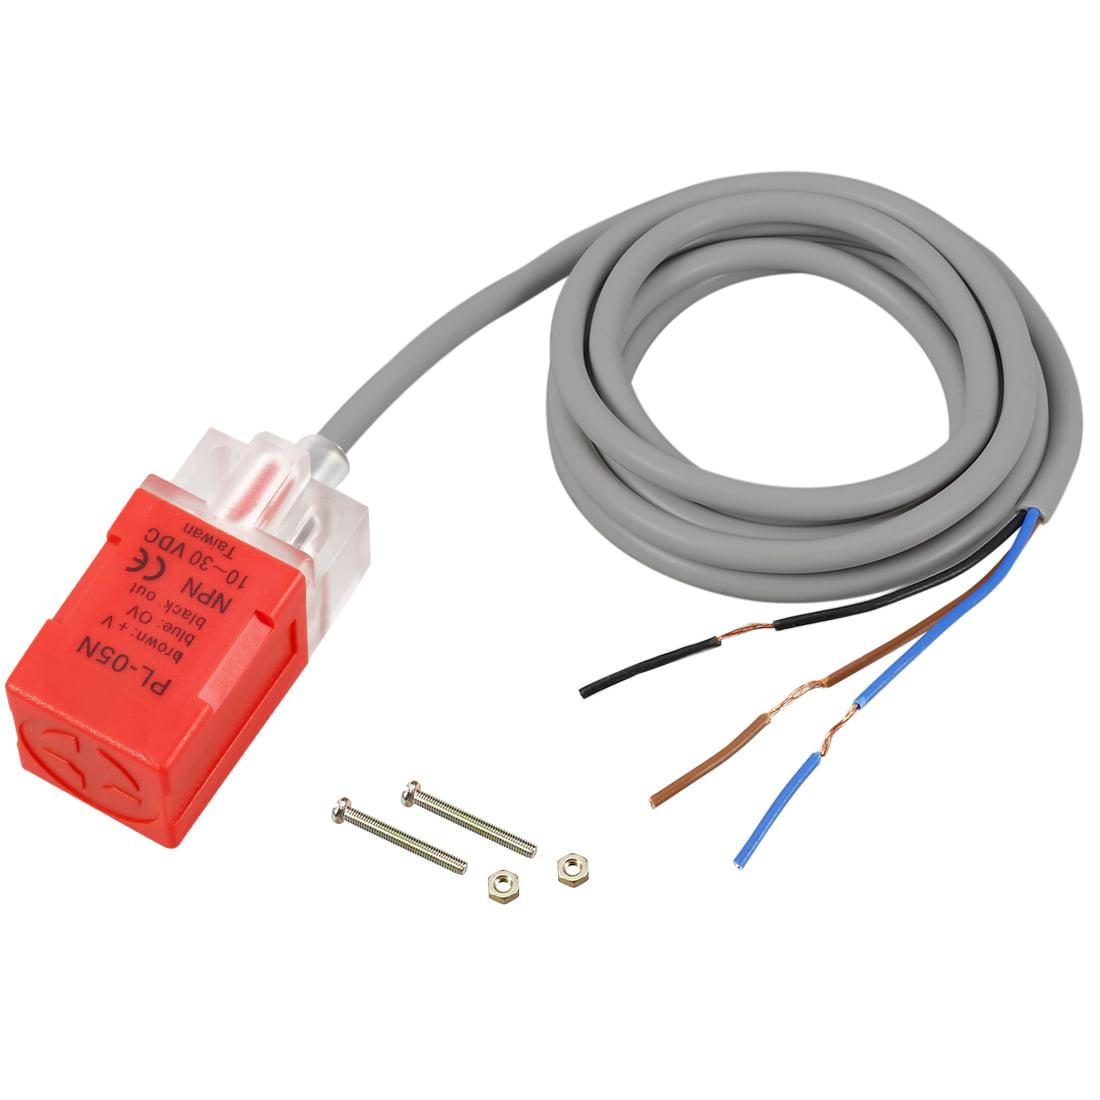 PL-05N 5mm Inductive Proximity Sensor Switch Detector NPN NO DC 10-30V 200mA